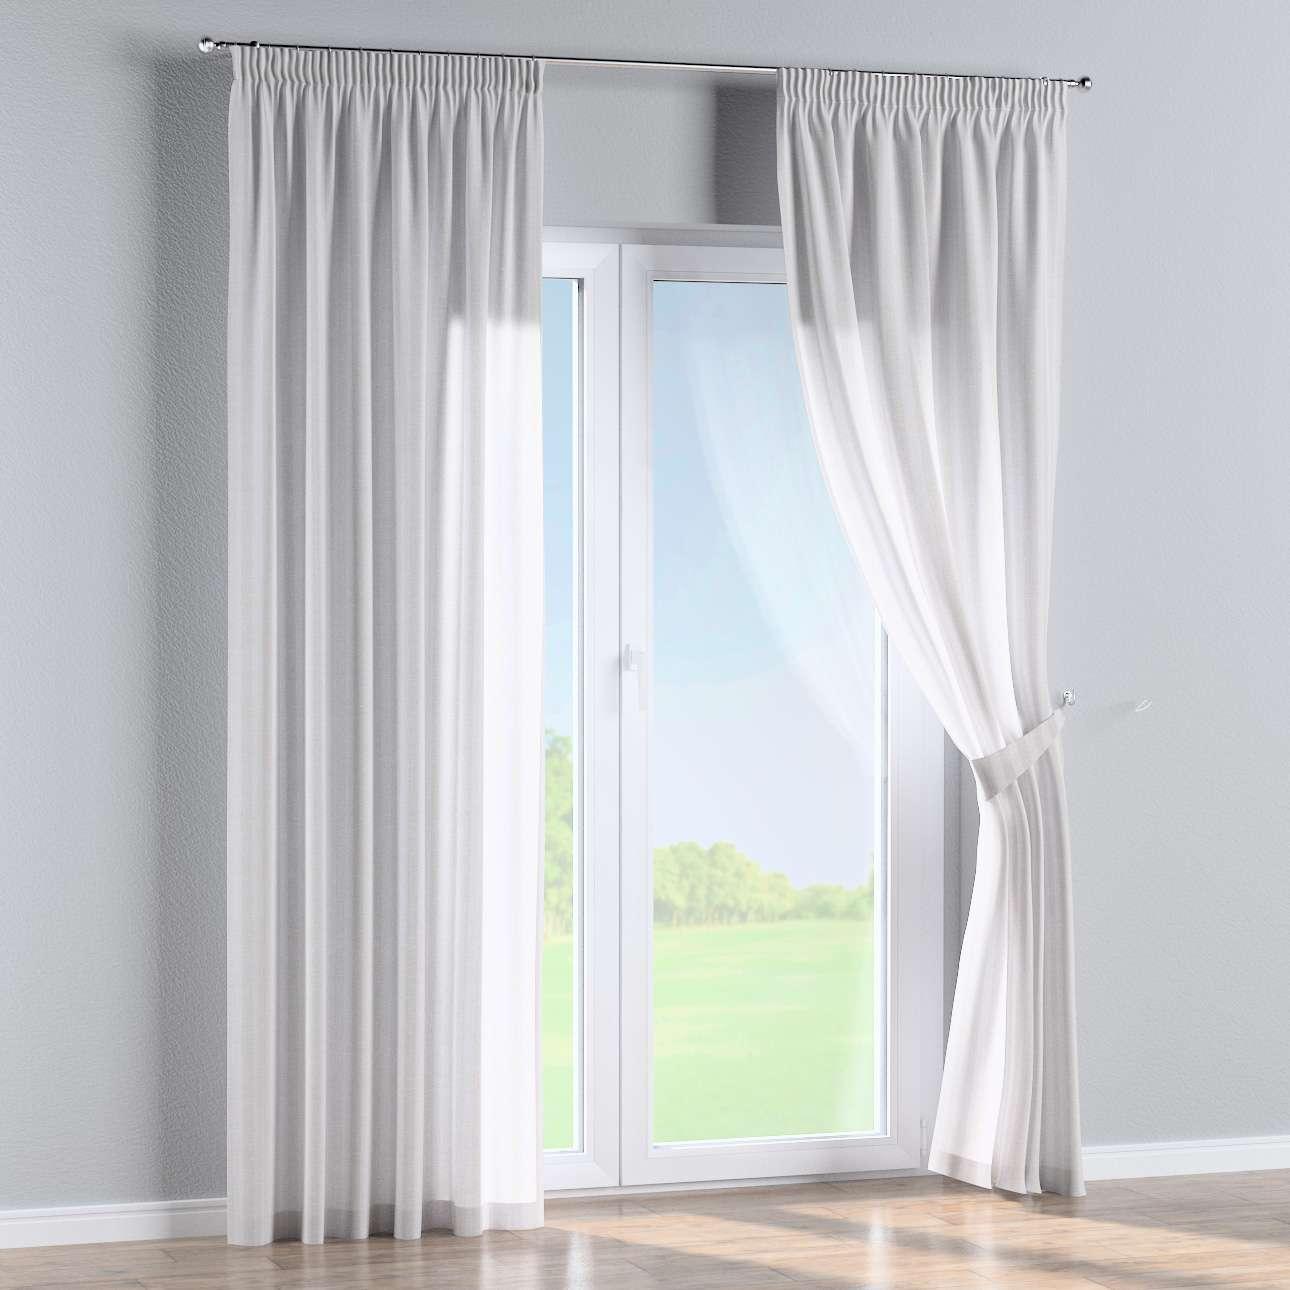 Vorhang Mit Kräuselband, Weiß